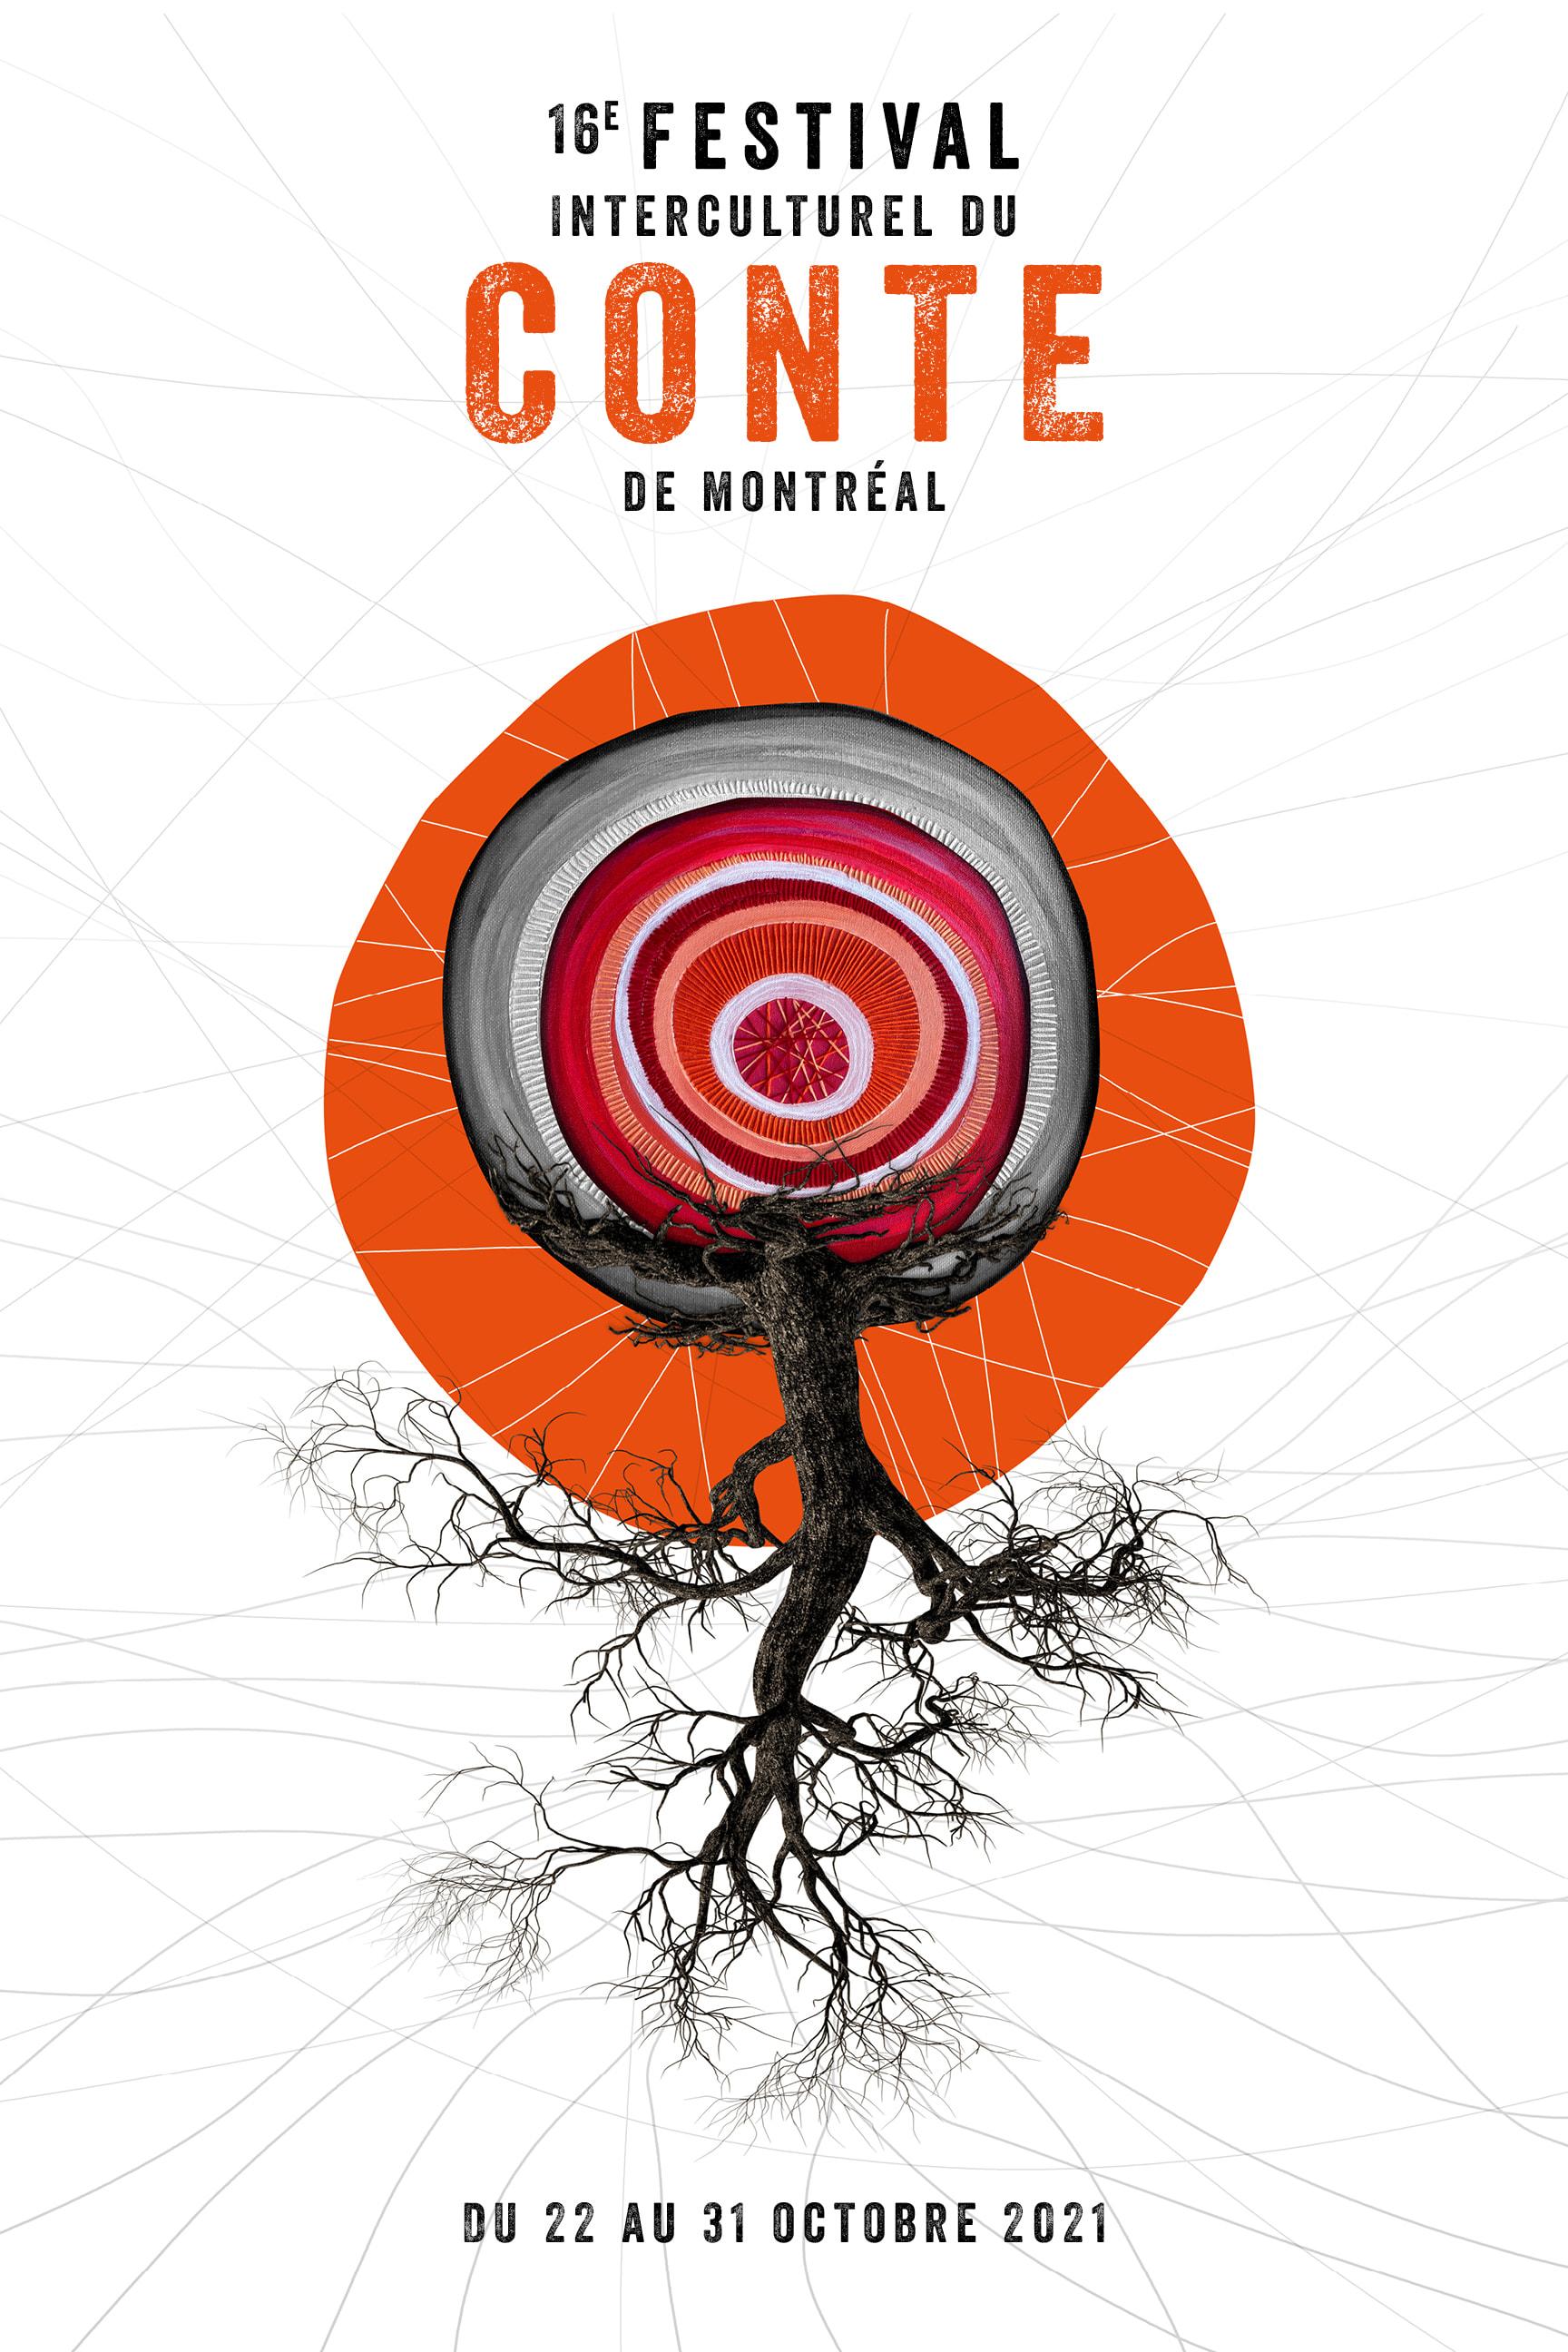 Affiche officielle du 16e Festival Interculturel du Conte de Montréal.